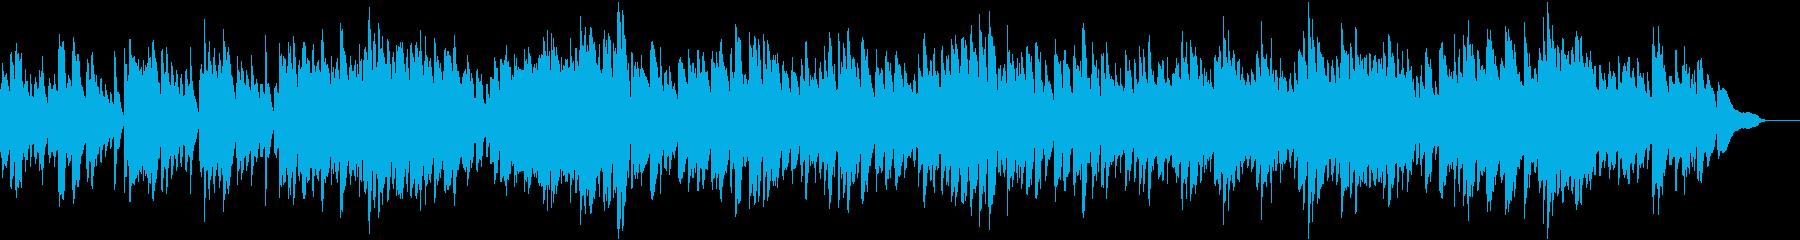 バッハ_インヴェンション第7番_ピアノの再生済みの波形